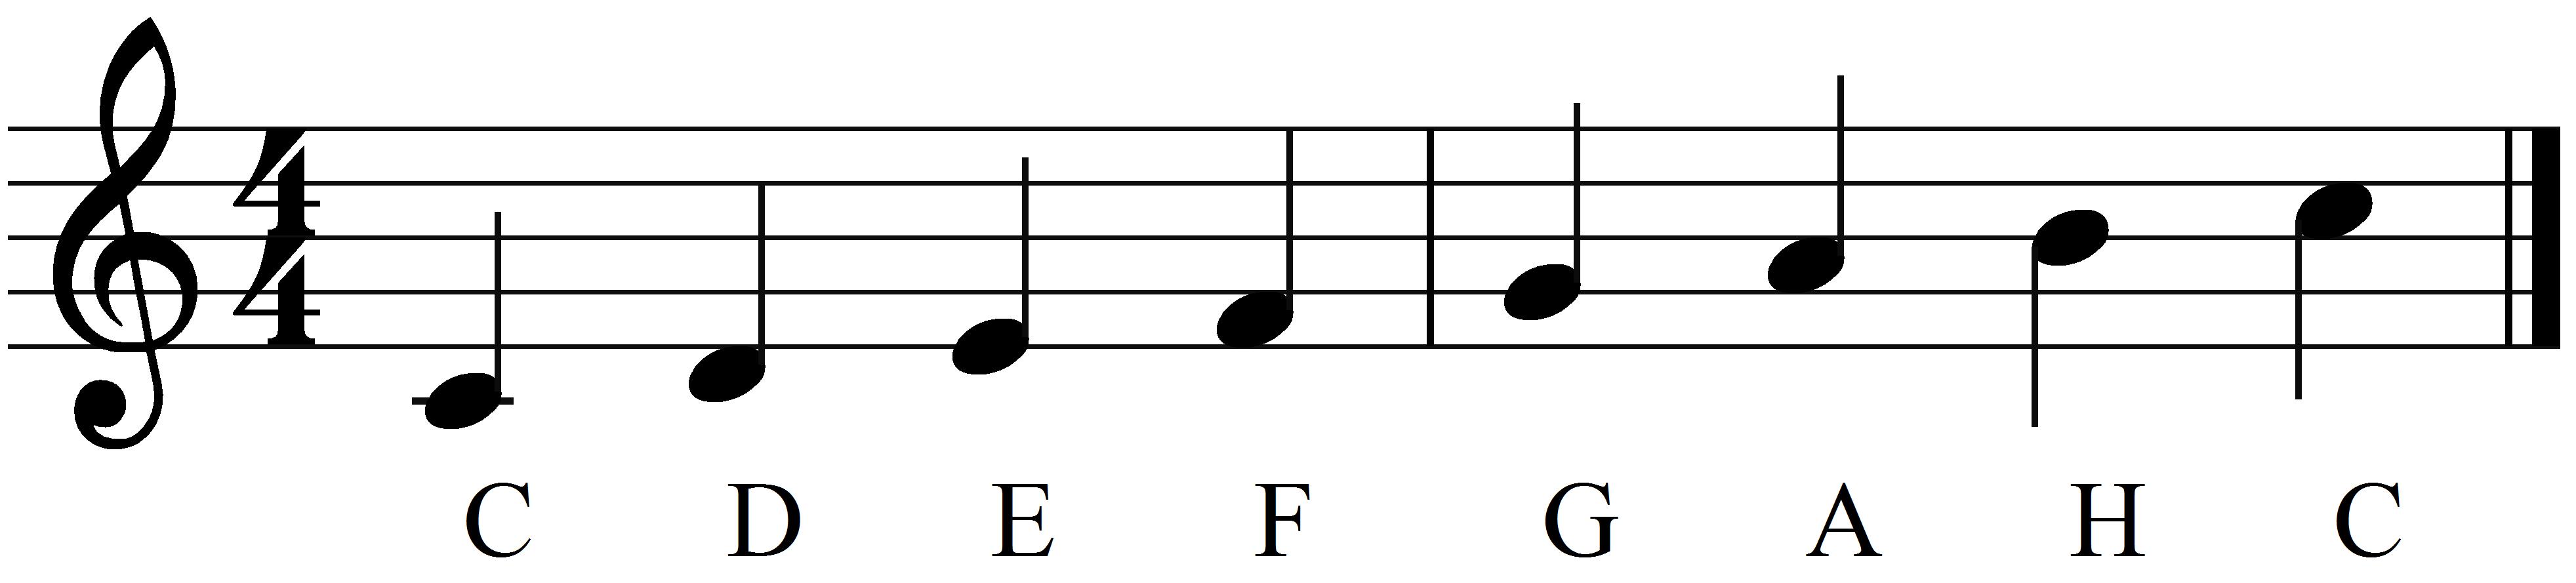 Tonleitern - Memrise